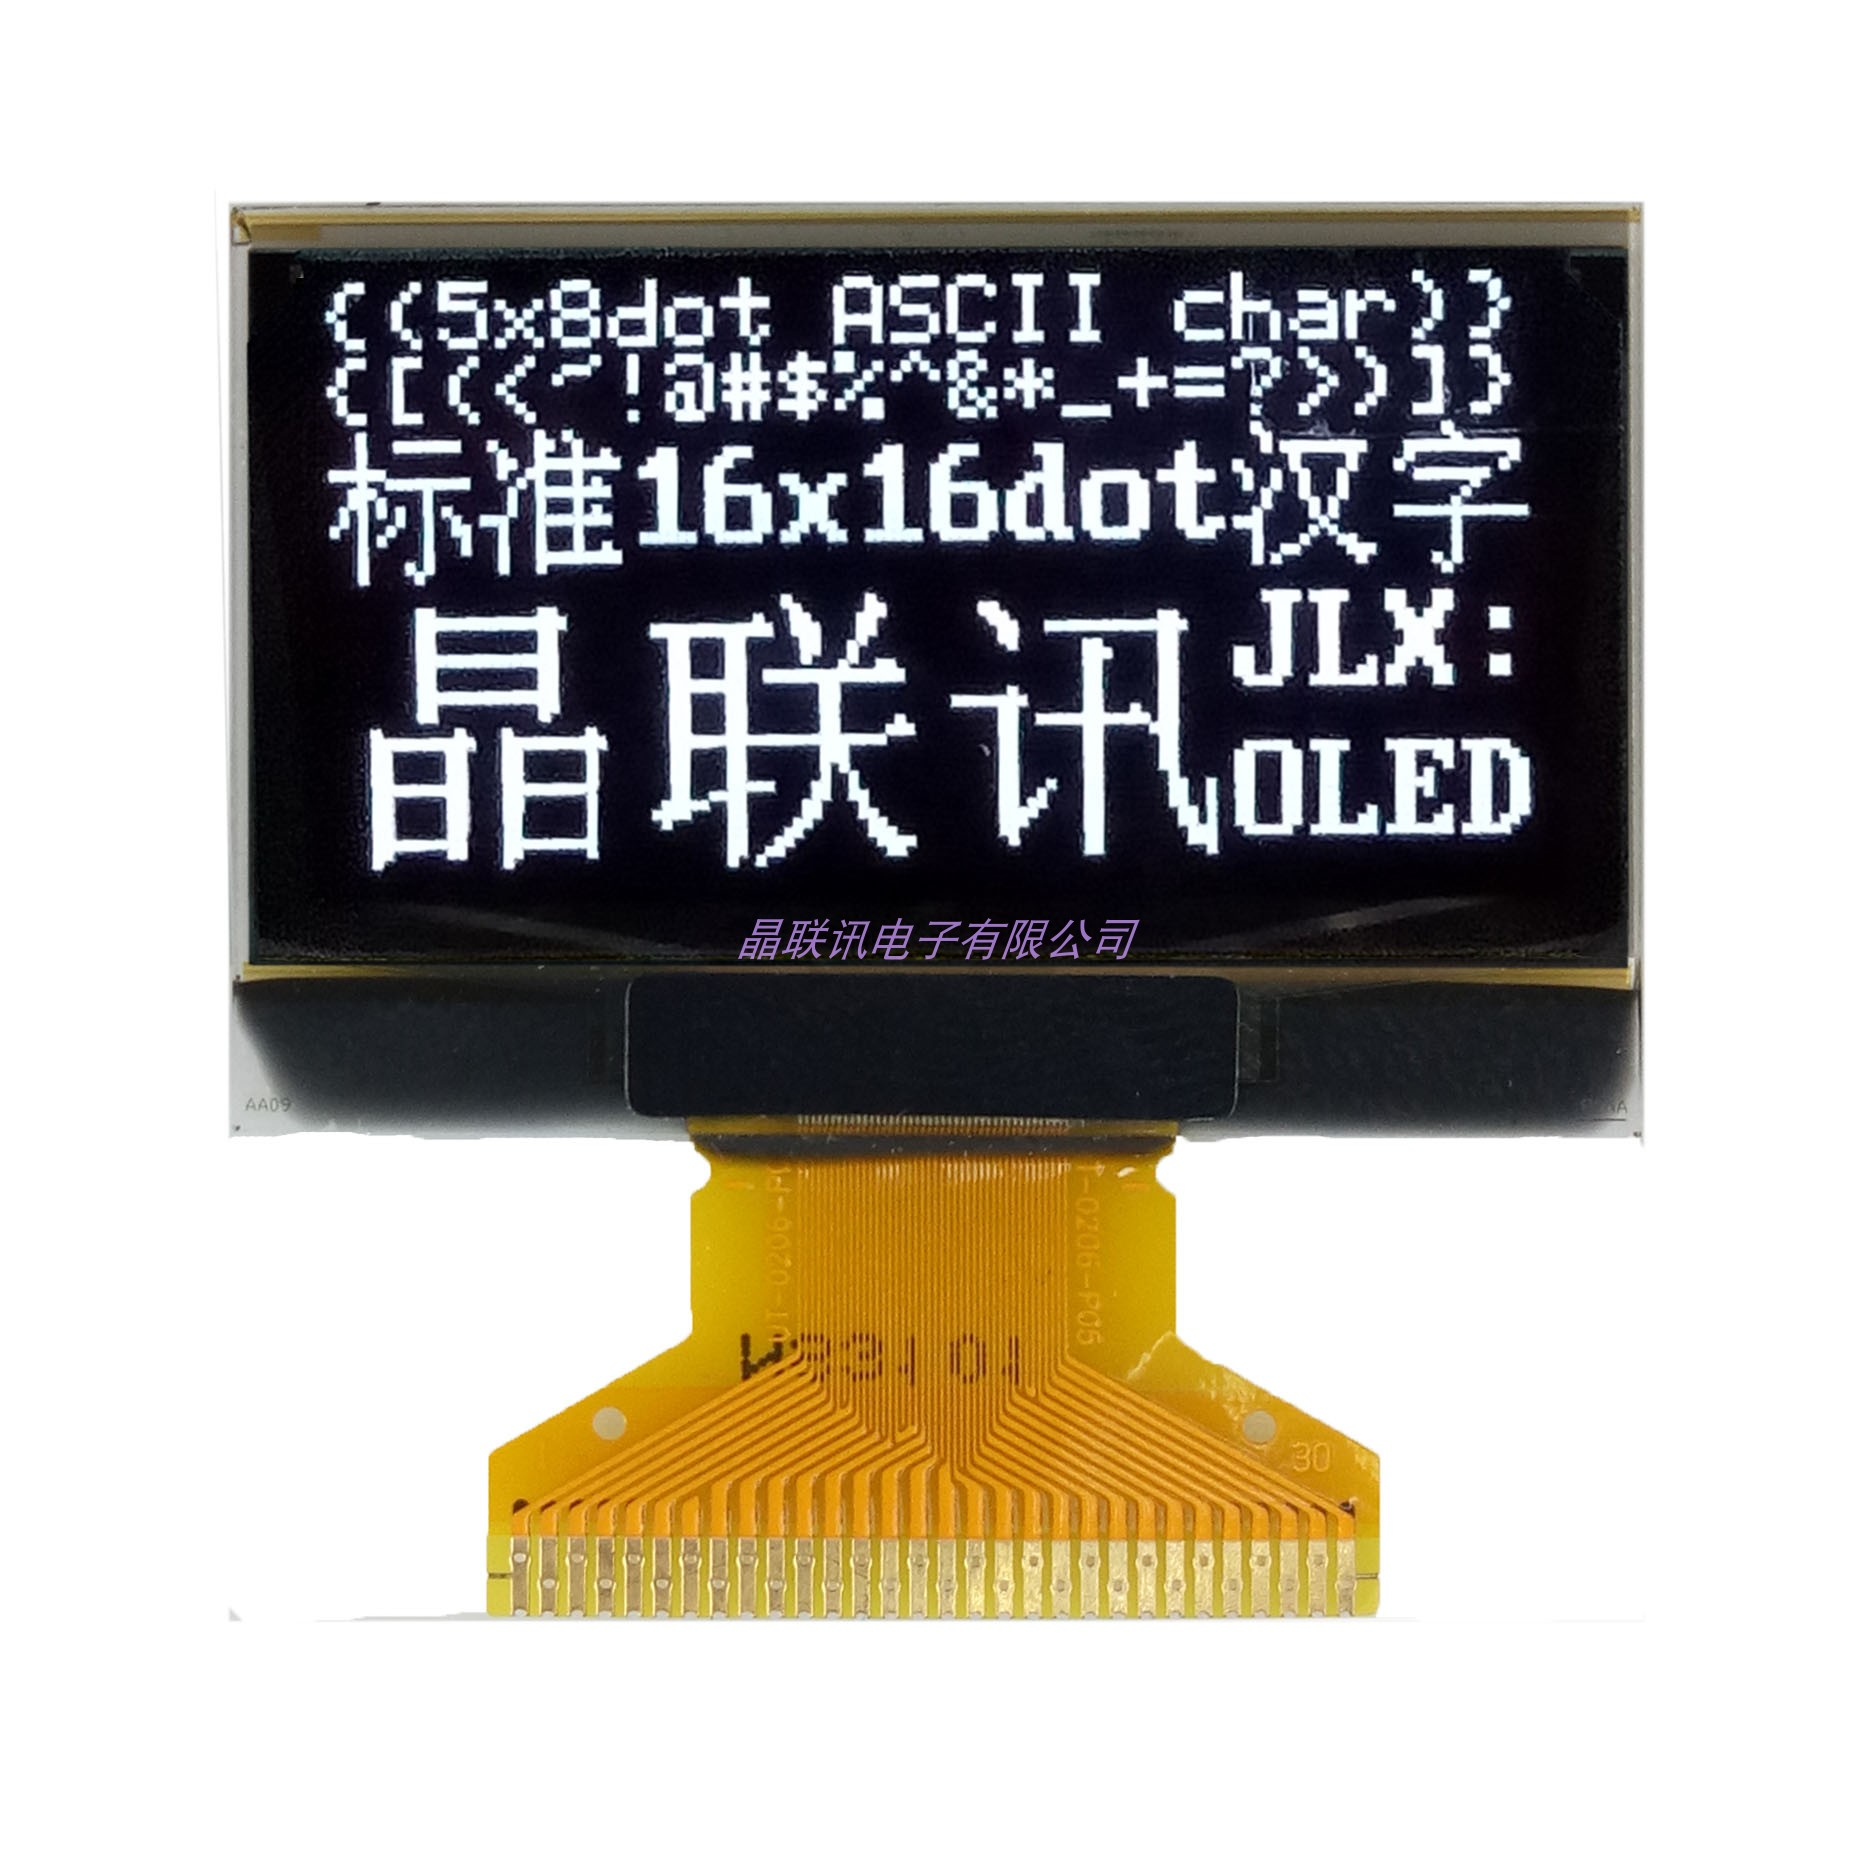 oled屏1.3寸液晶屏分辨率128*64